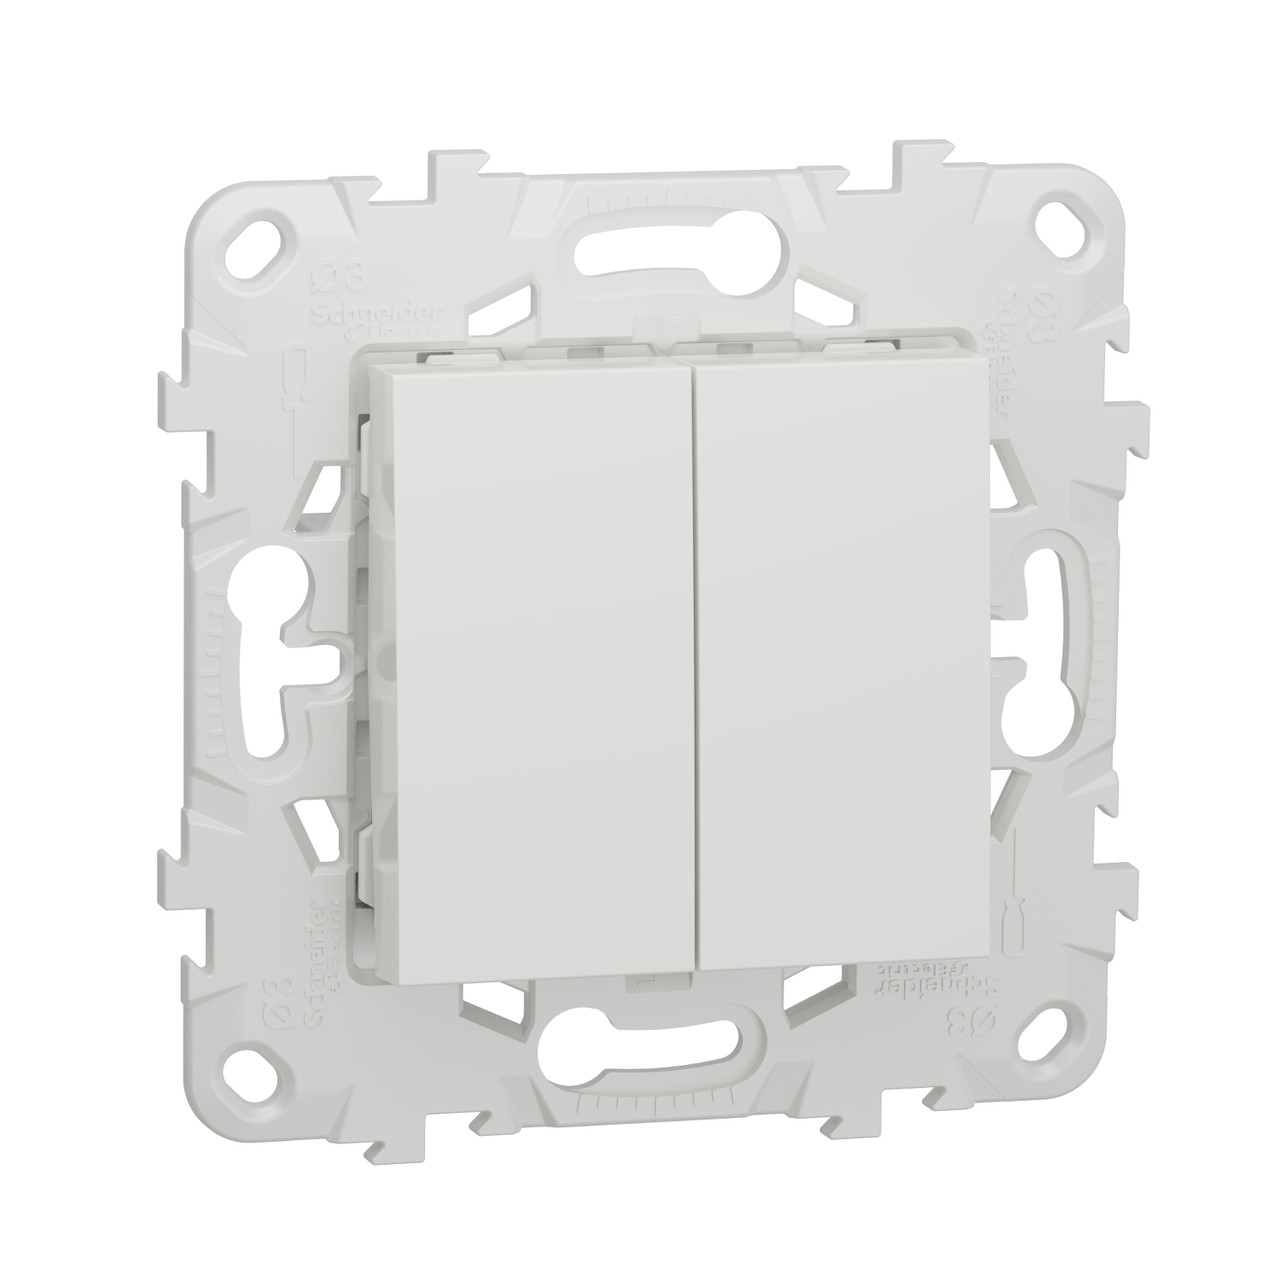 UN выключатель 2-клавишный, белый /NU521118/